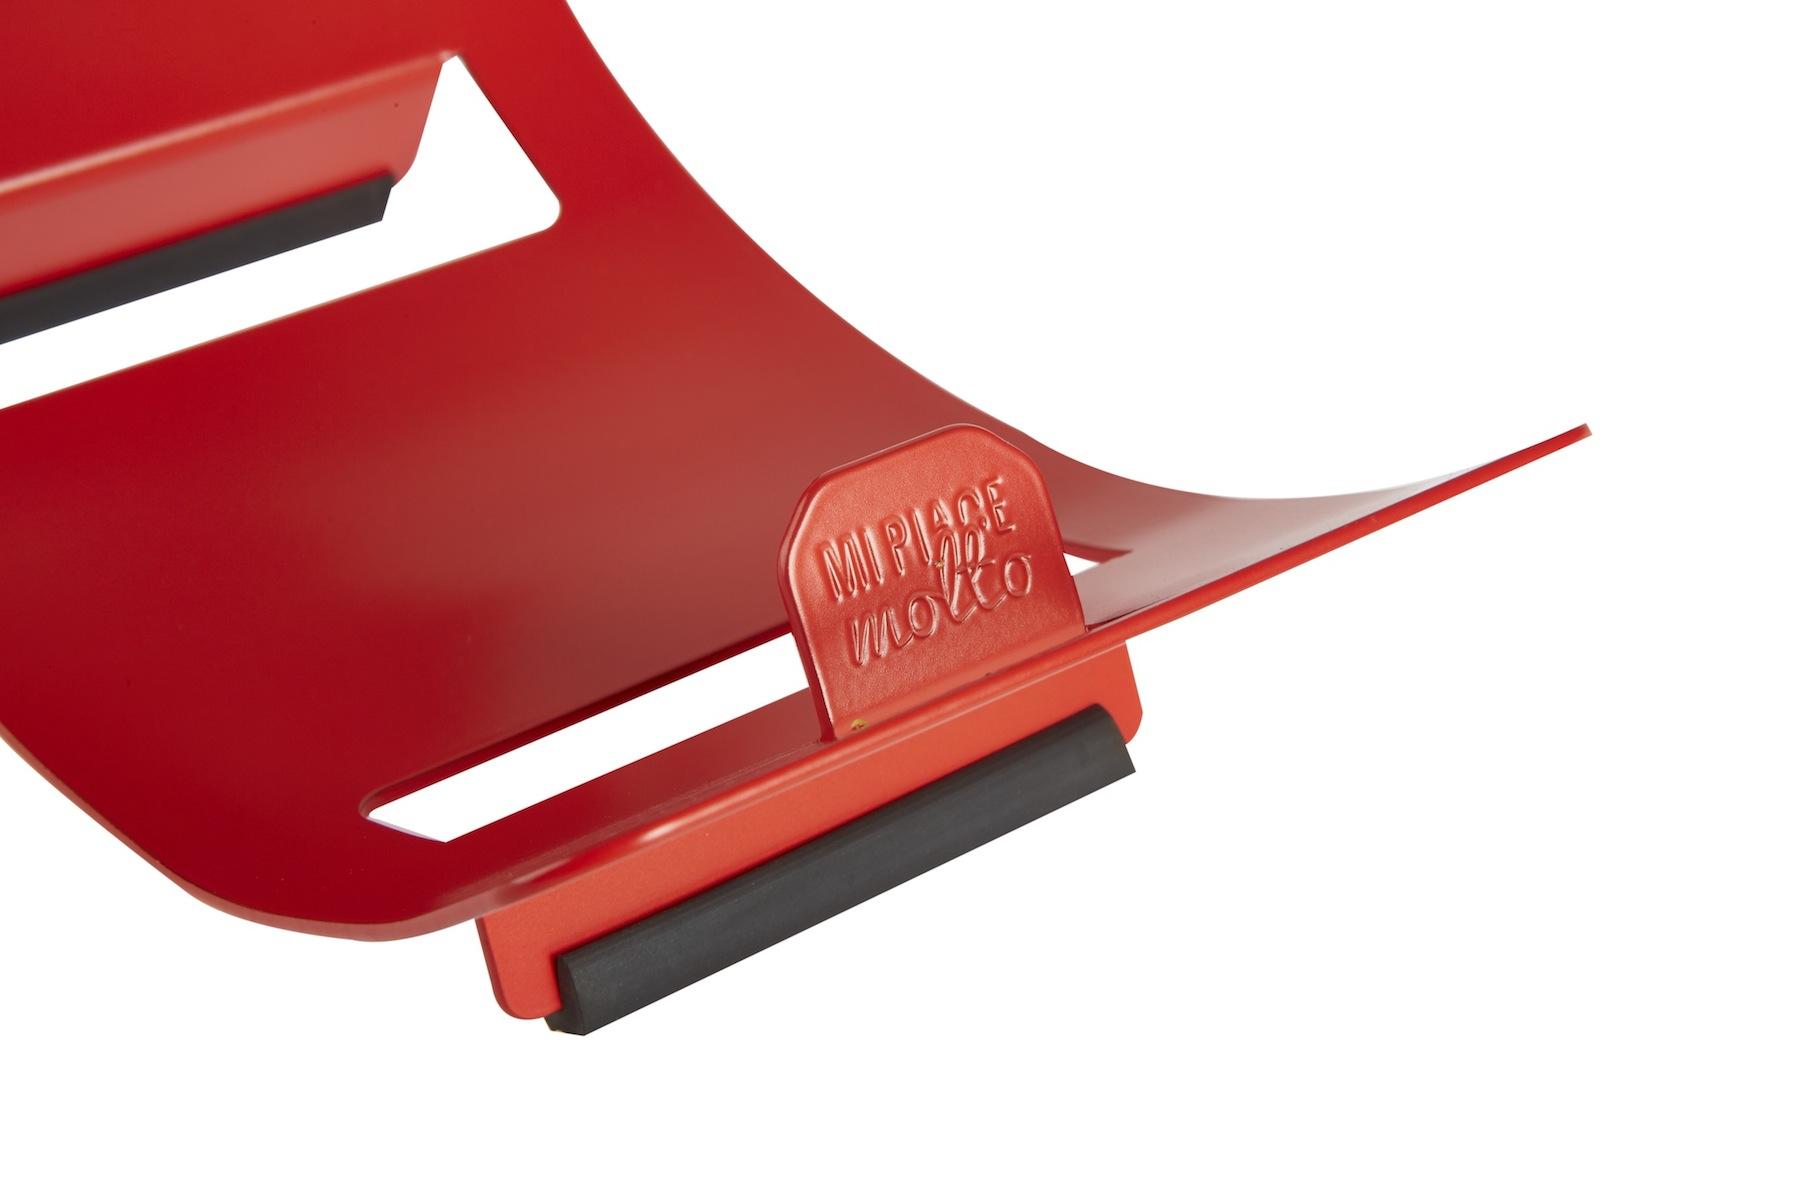 Portabottiglie design da tavolo in metallo colore rosso ciliegia_dettaglio MOON